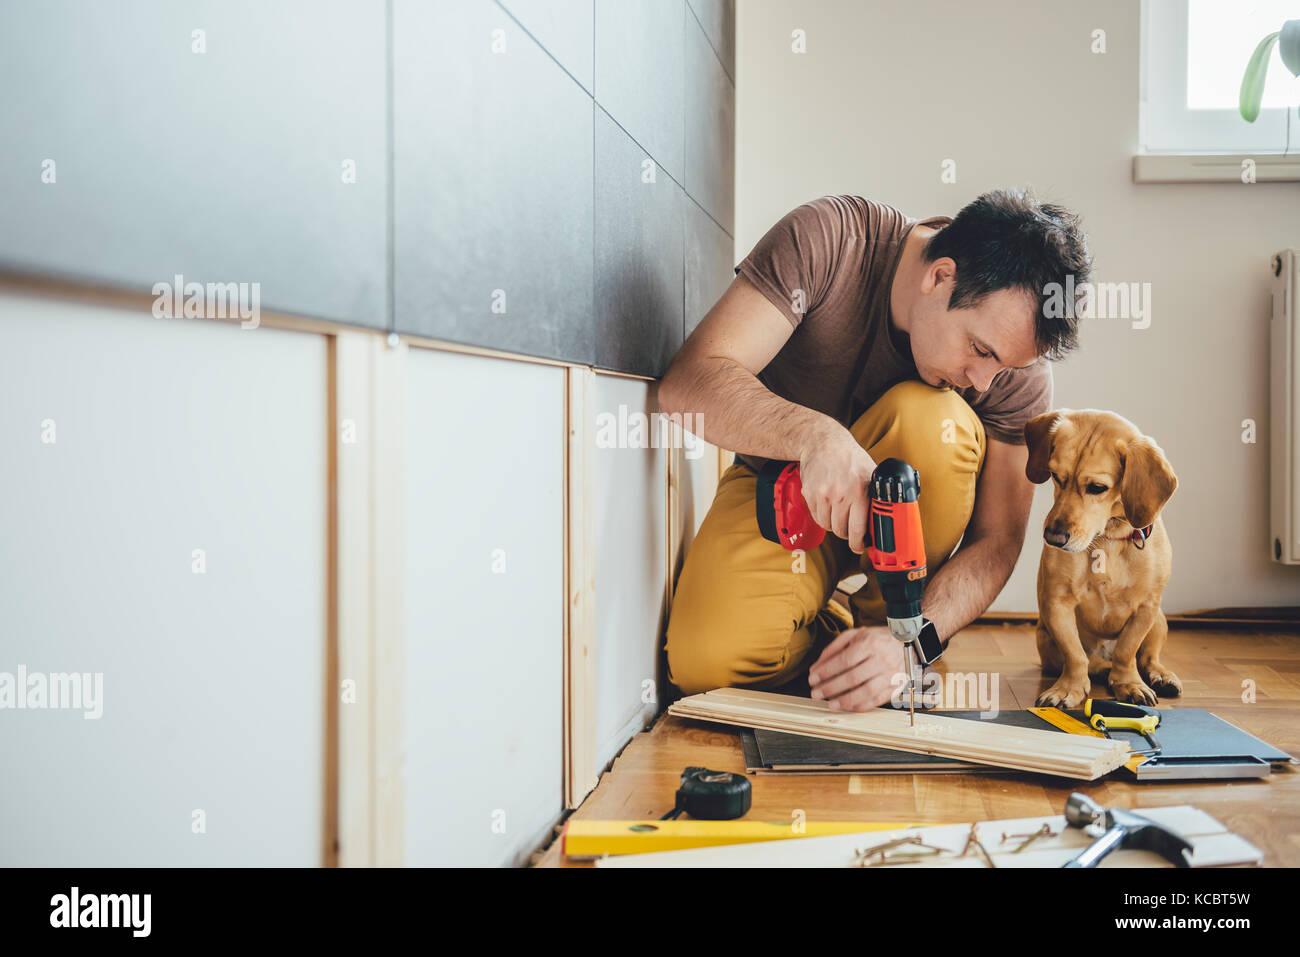 Mann tun Renovierungsarbeiten zu Hause zusammen mit seinen kleinen gelben Hund Stockbild